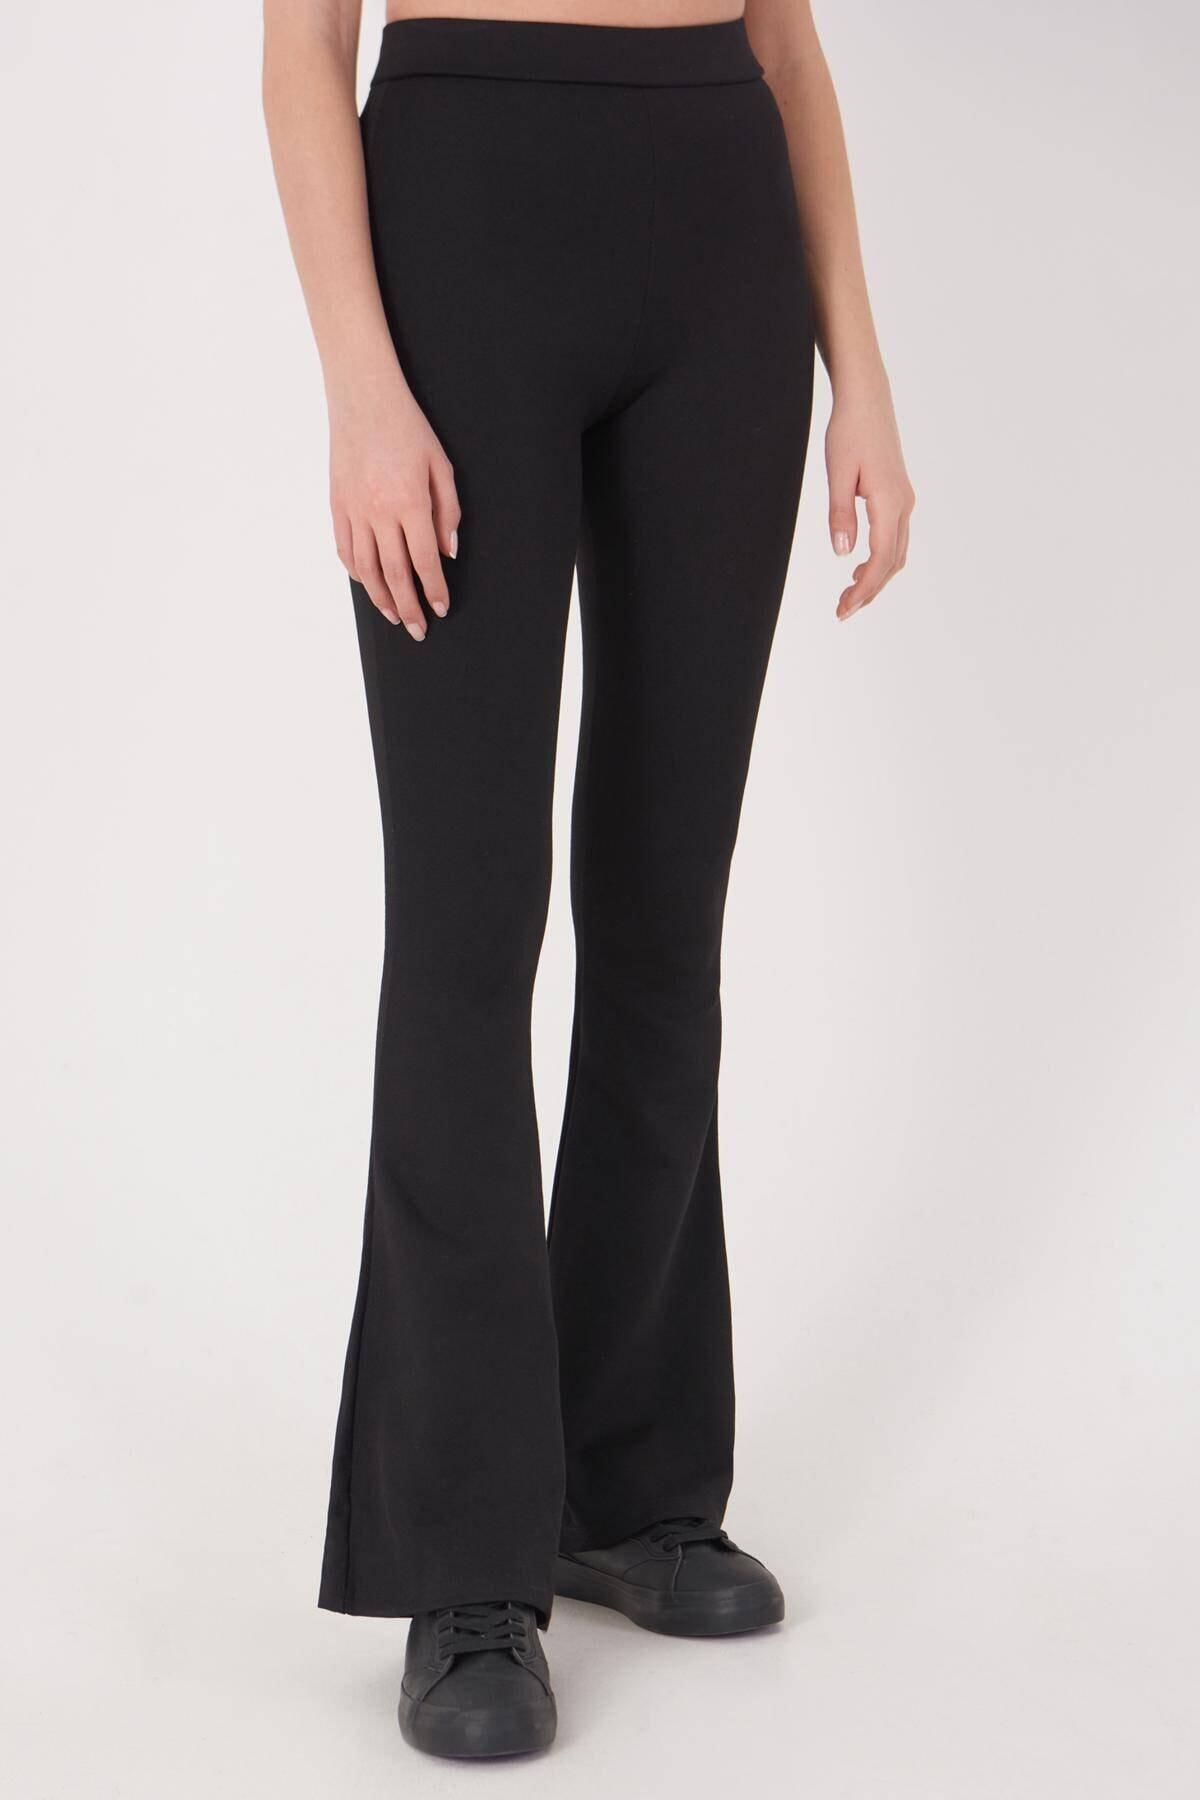 Addax Kadın Siyah İspanyol Paça Tayt Pantolon ADX-00012474 1